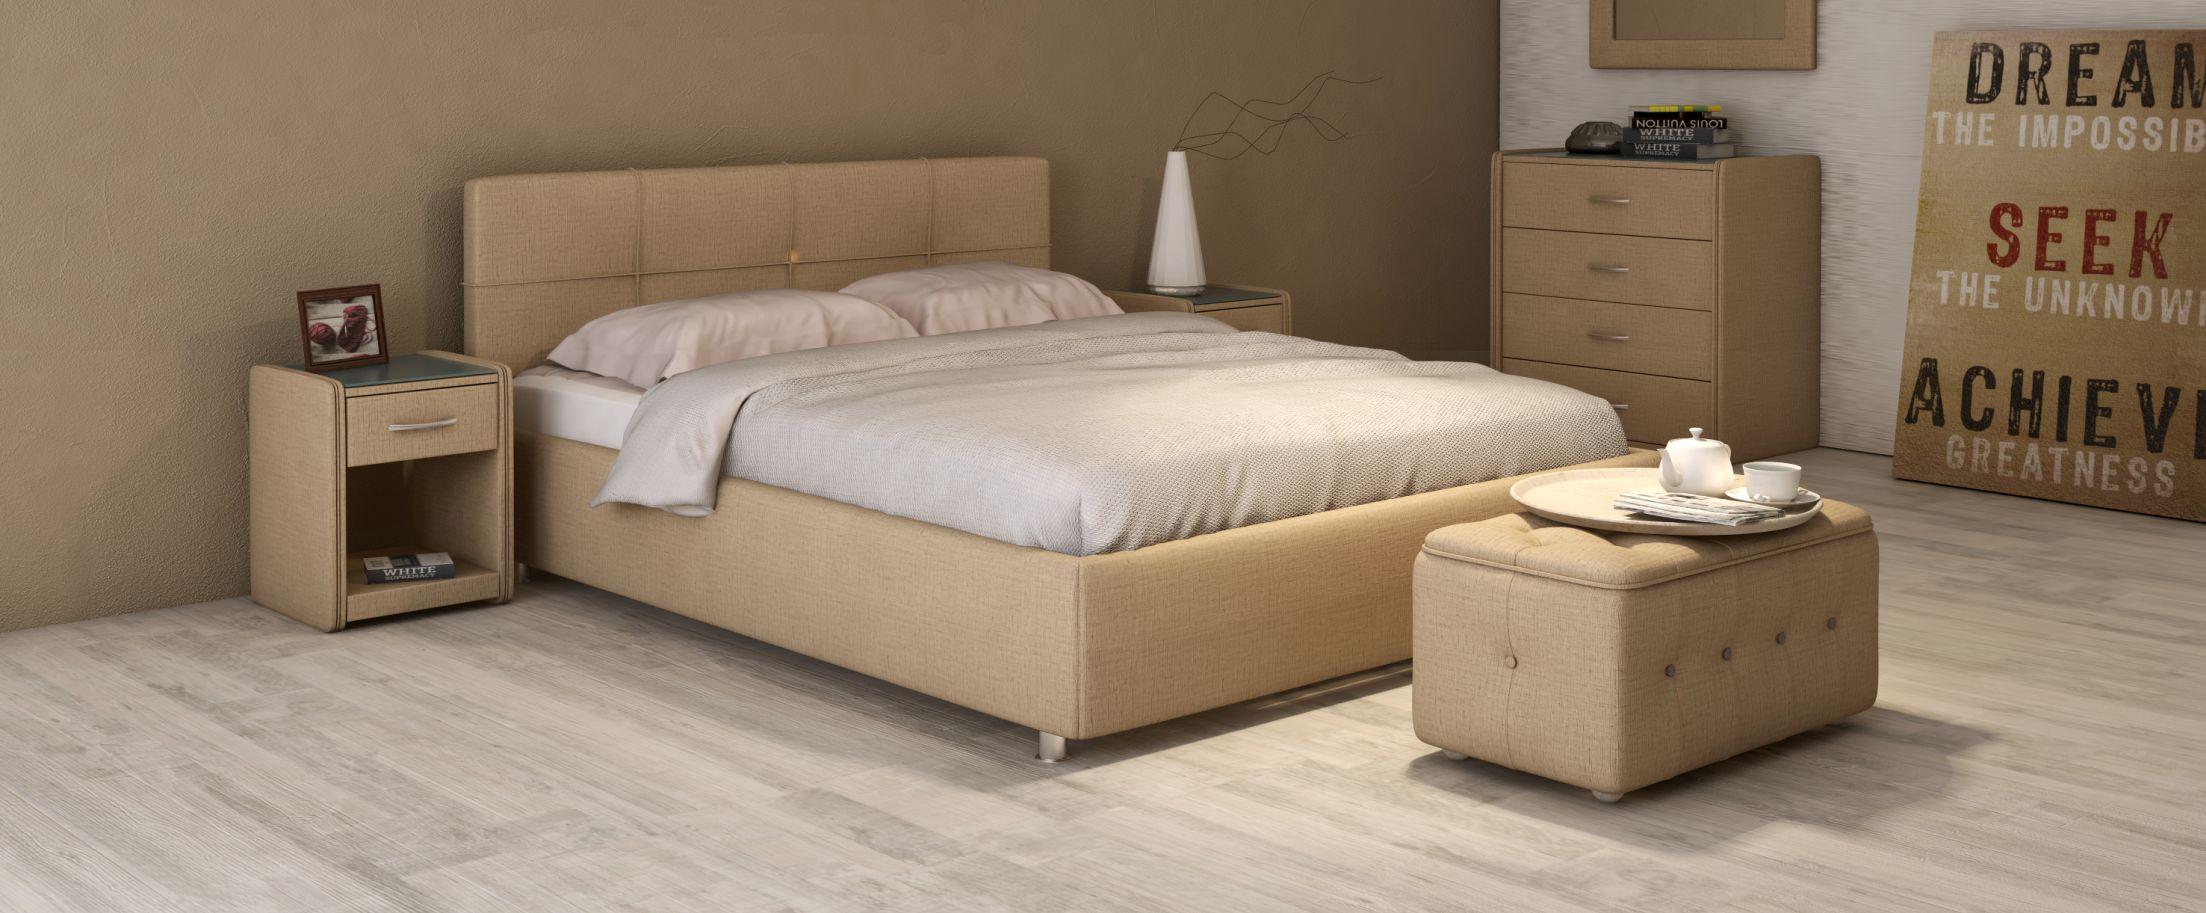 Кровать двуспальная Птичье гнездо Модель 381Лёгкость и аккуратность дизайна позволяют вписать эту кровать в интерьер даже очень небольшой комнаты, визуально не занимая лишнего пространства. Стильный кант подчеркивает простоту и чёткость линий.<br><br>Ширина см: 151<br>Глубина см: 208<br>Высота см: 90<br>Ширина спального места см: 140<br>Длина спального места см: 200<br>Цвет: Бежевый<br>Материал каркаса: ДСП<br>Материал обивки: Рогожка<br>Подъемный механизм: Есть<br>Бренд: Другие